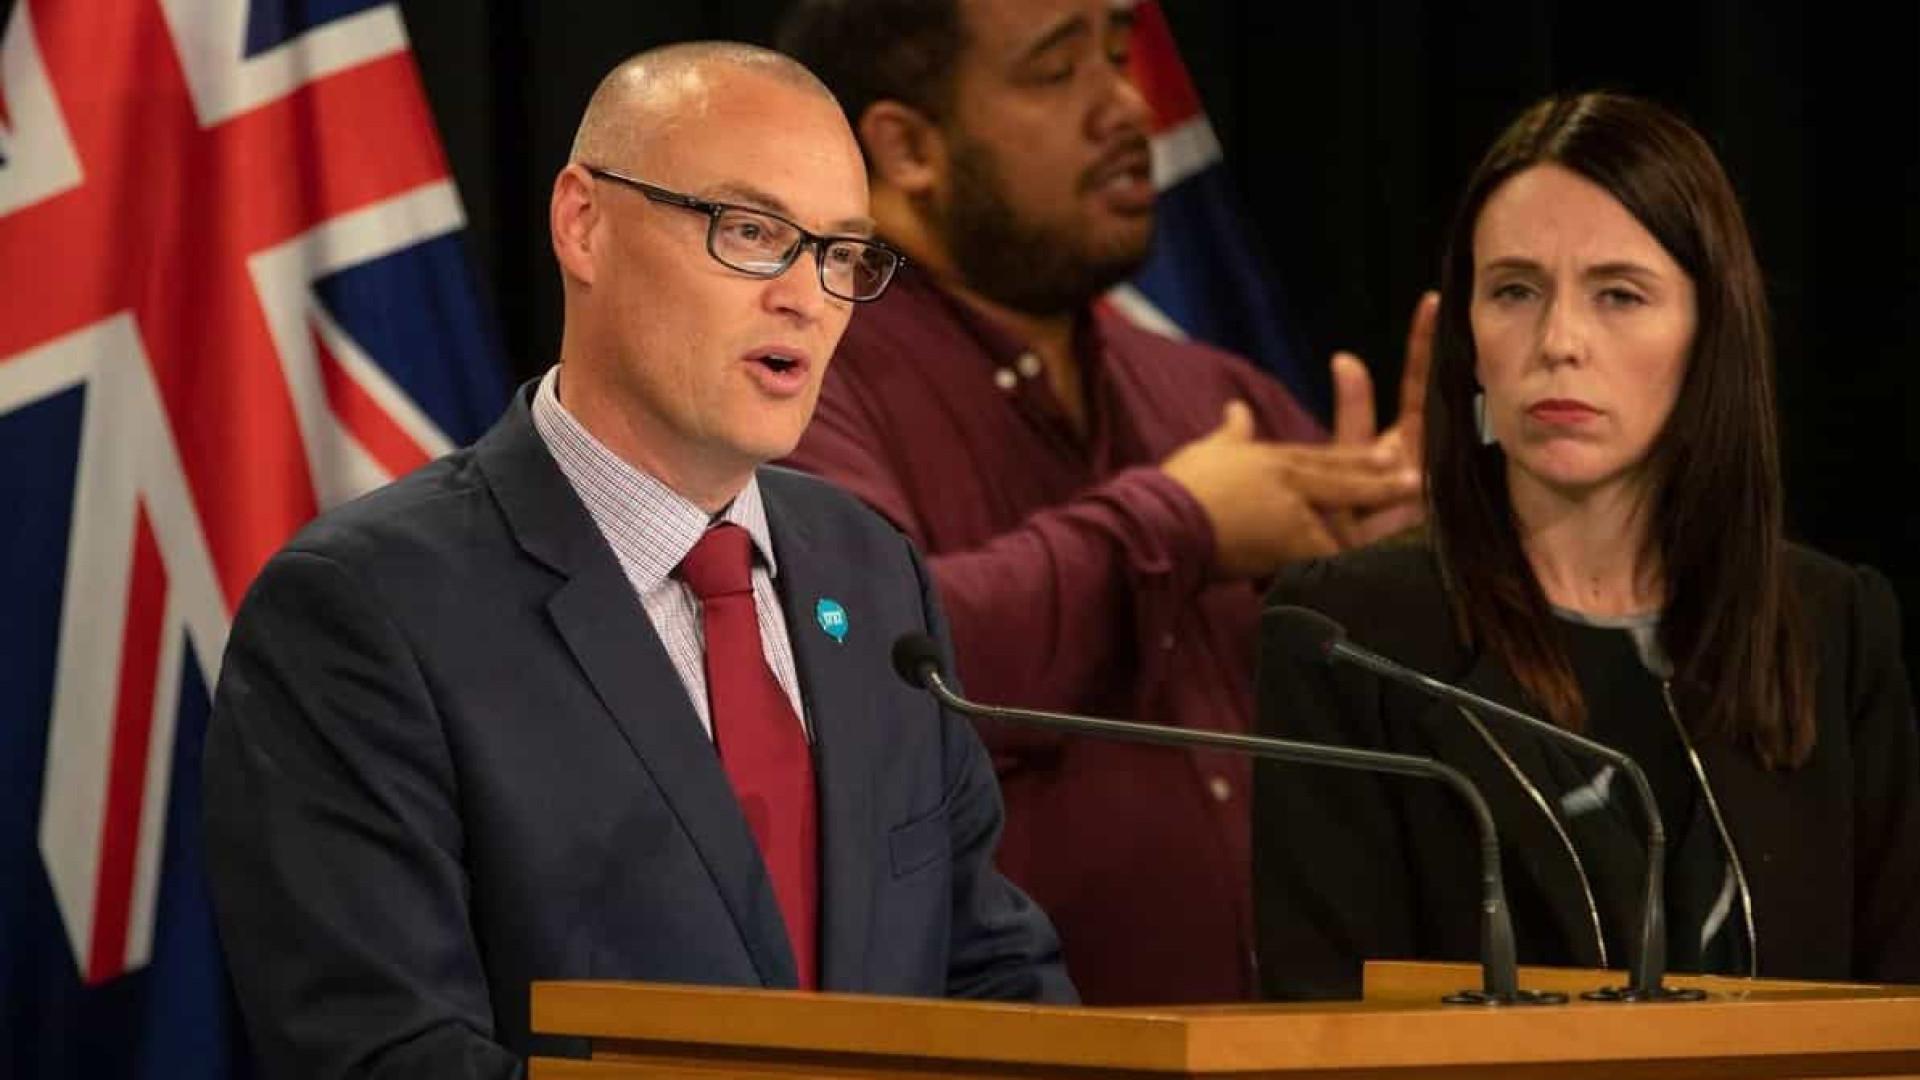 Ministro da Saúde da Nova Zelândia demite-se após violar confinamento